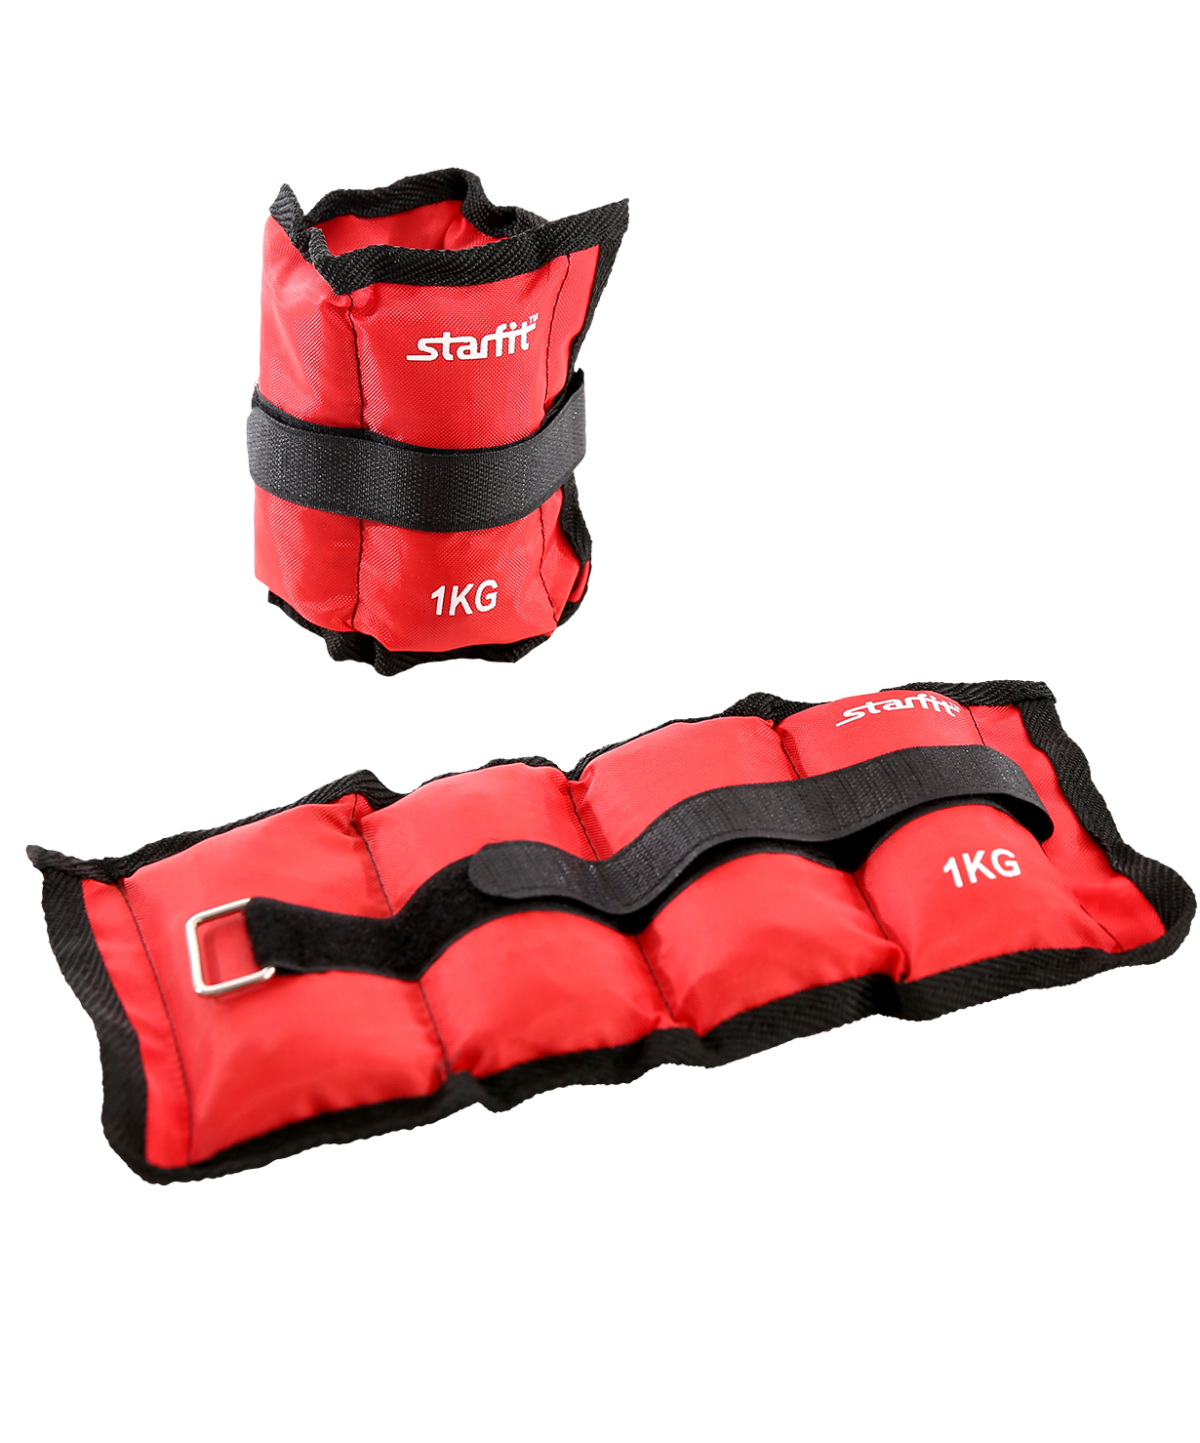 STARFIT Утяжелители  1 кг, красный WT-401 - 1